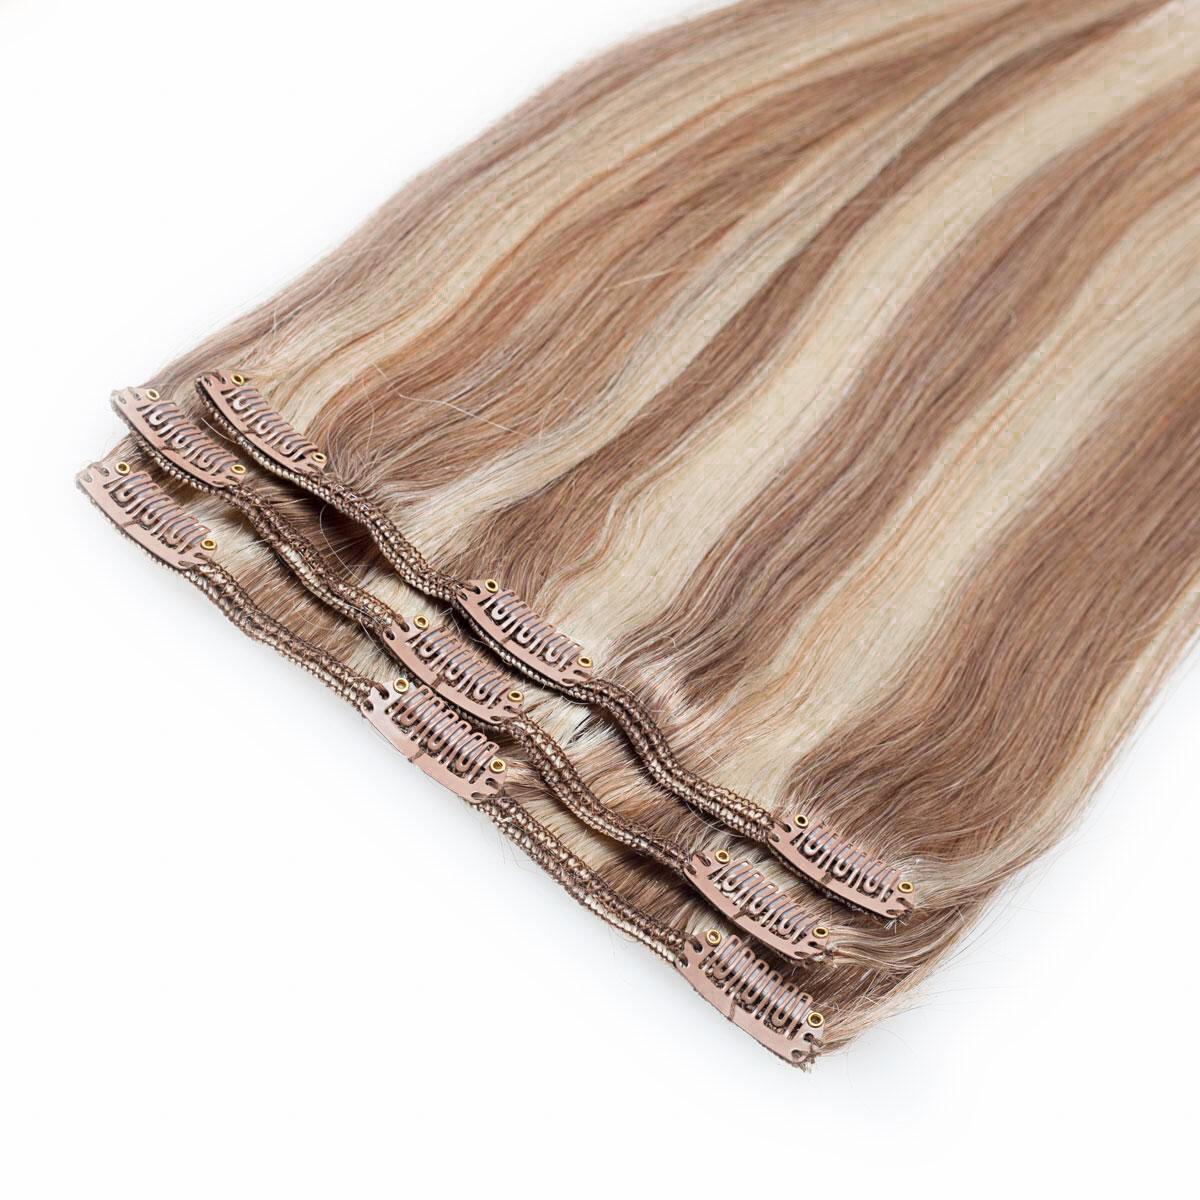 Clip-on set M7.3/10.8 Cendre Ash Blonde Mix 40 cm